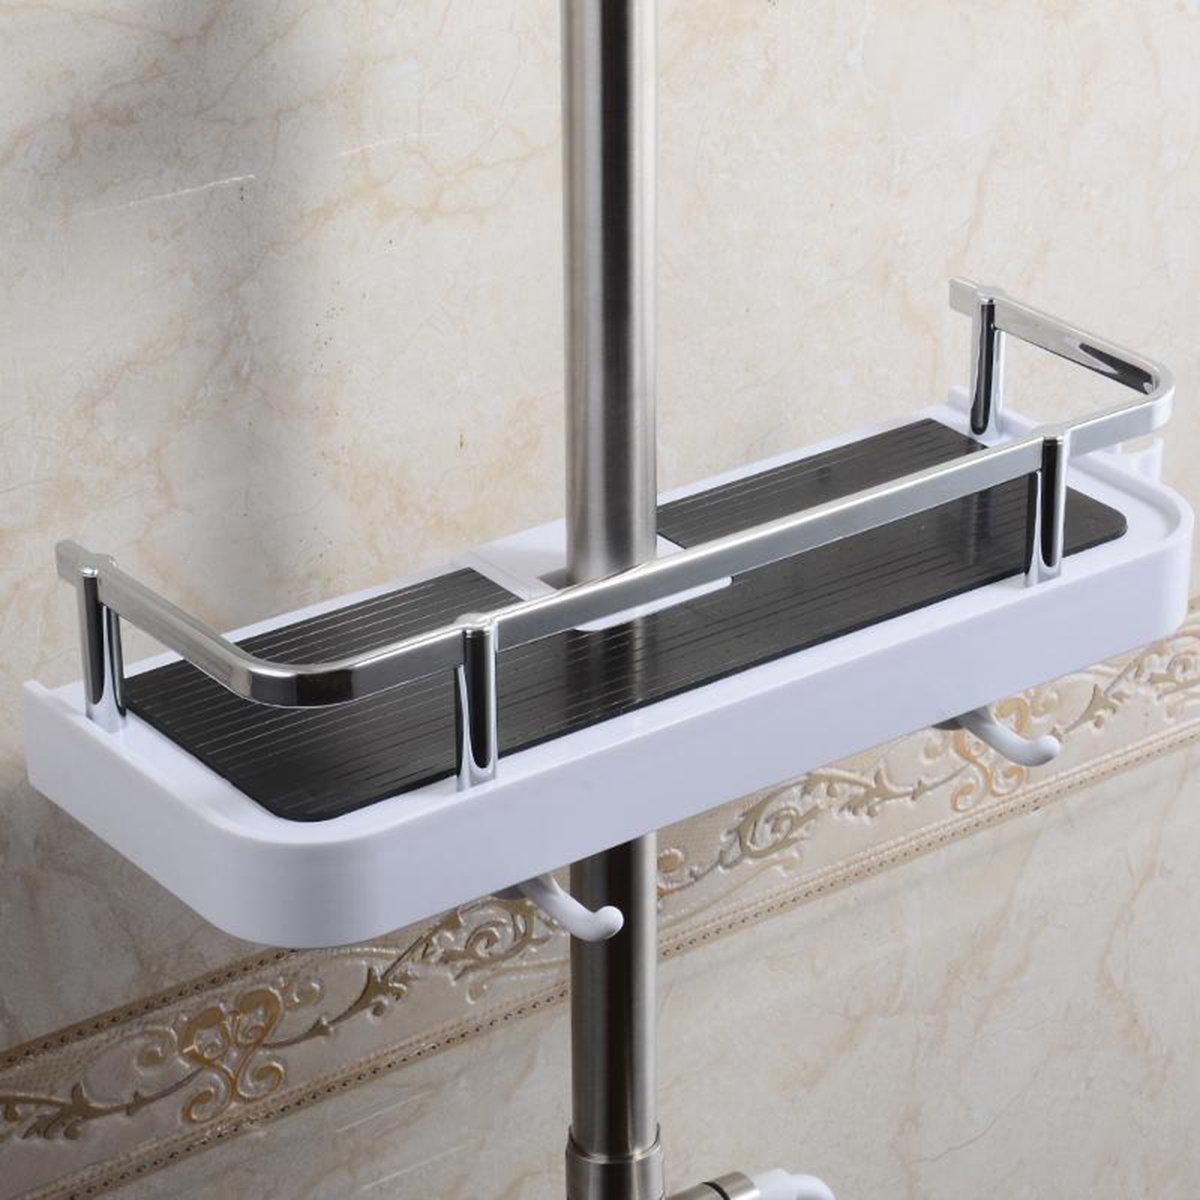 Bathroom Pole Shelf Shower Storage Caddy Rack Organiser Tray ...